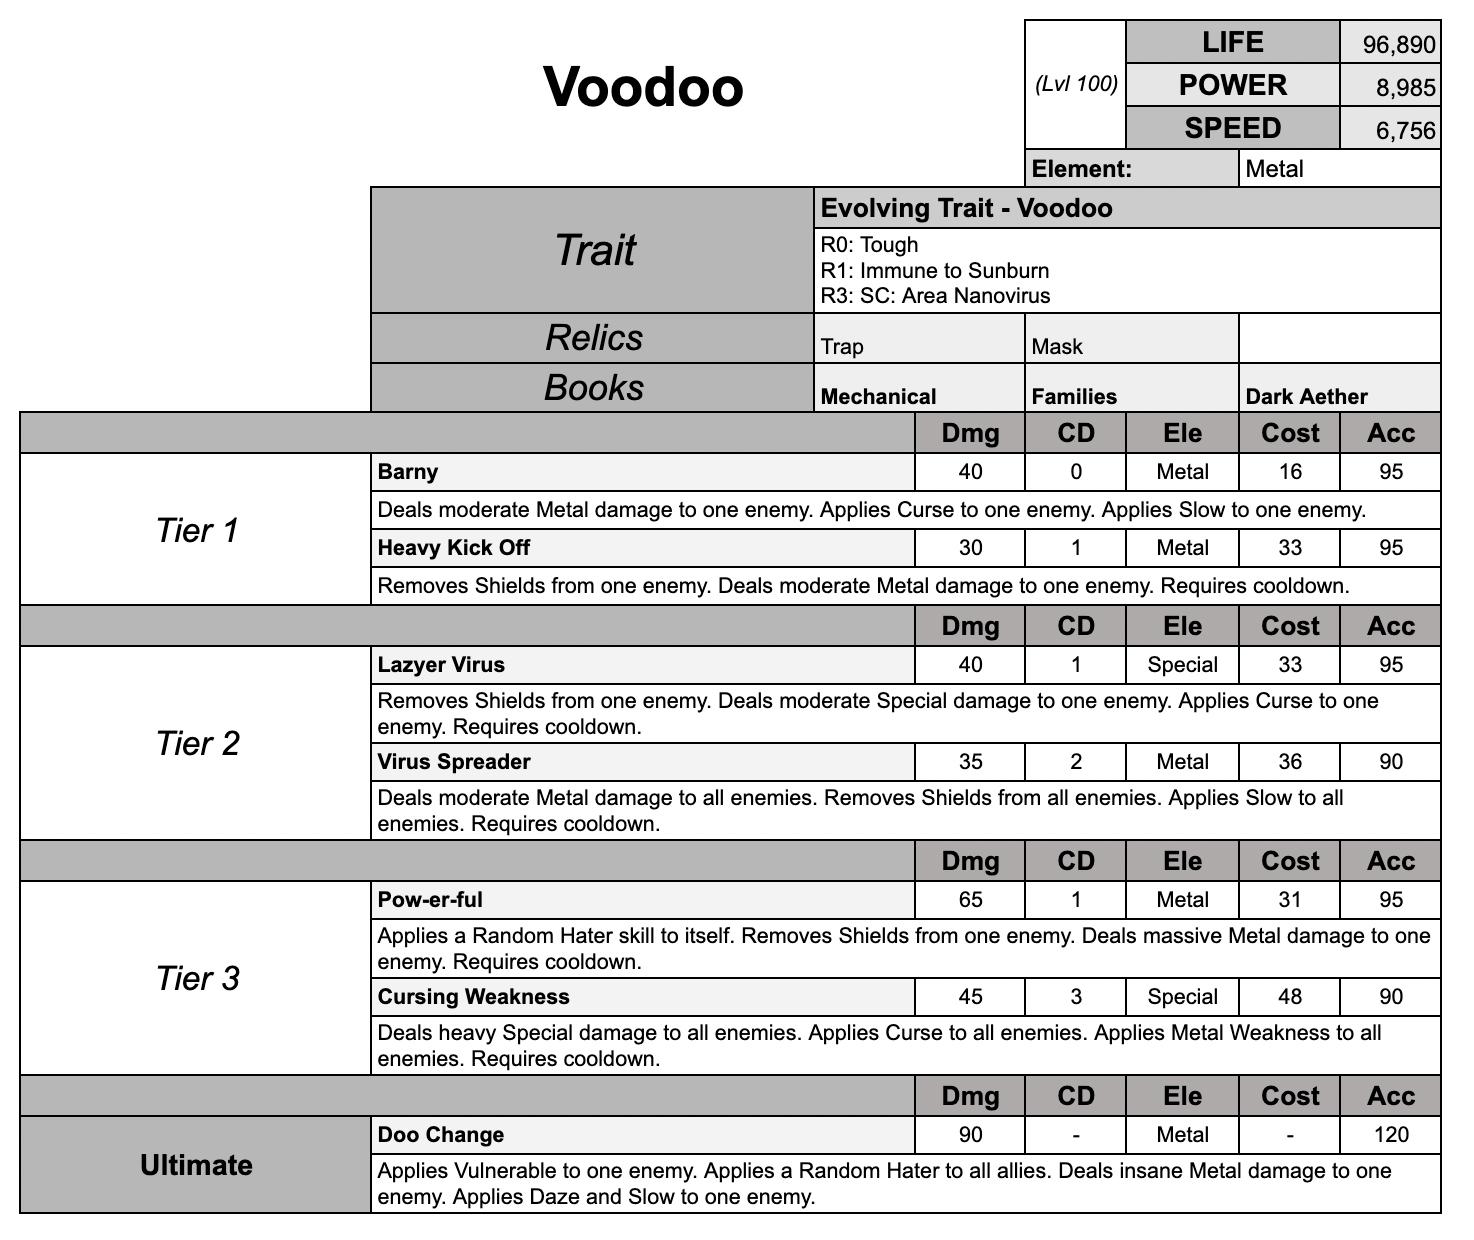 0_1626127842992_7. Voodoo.png